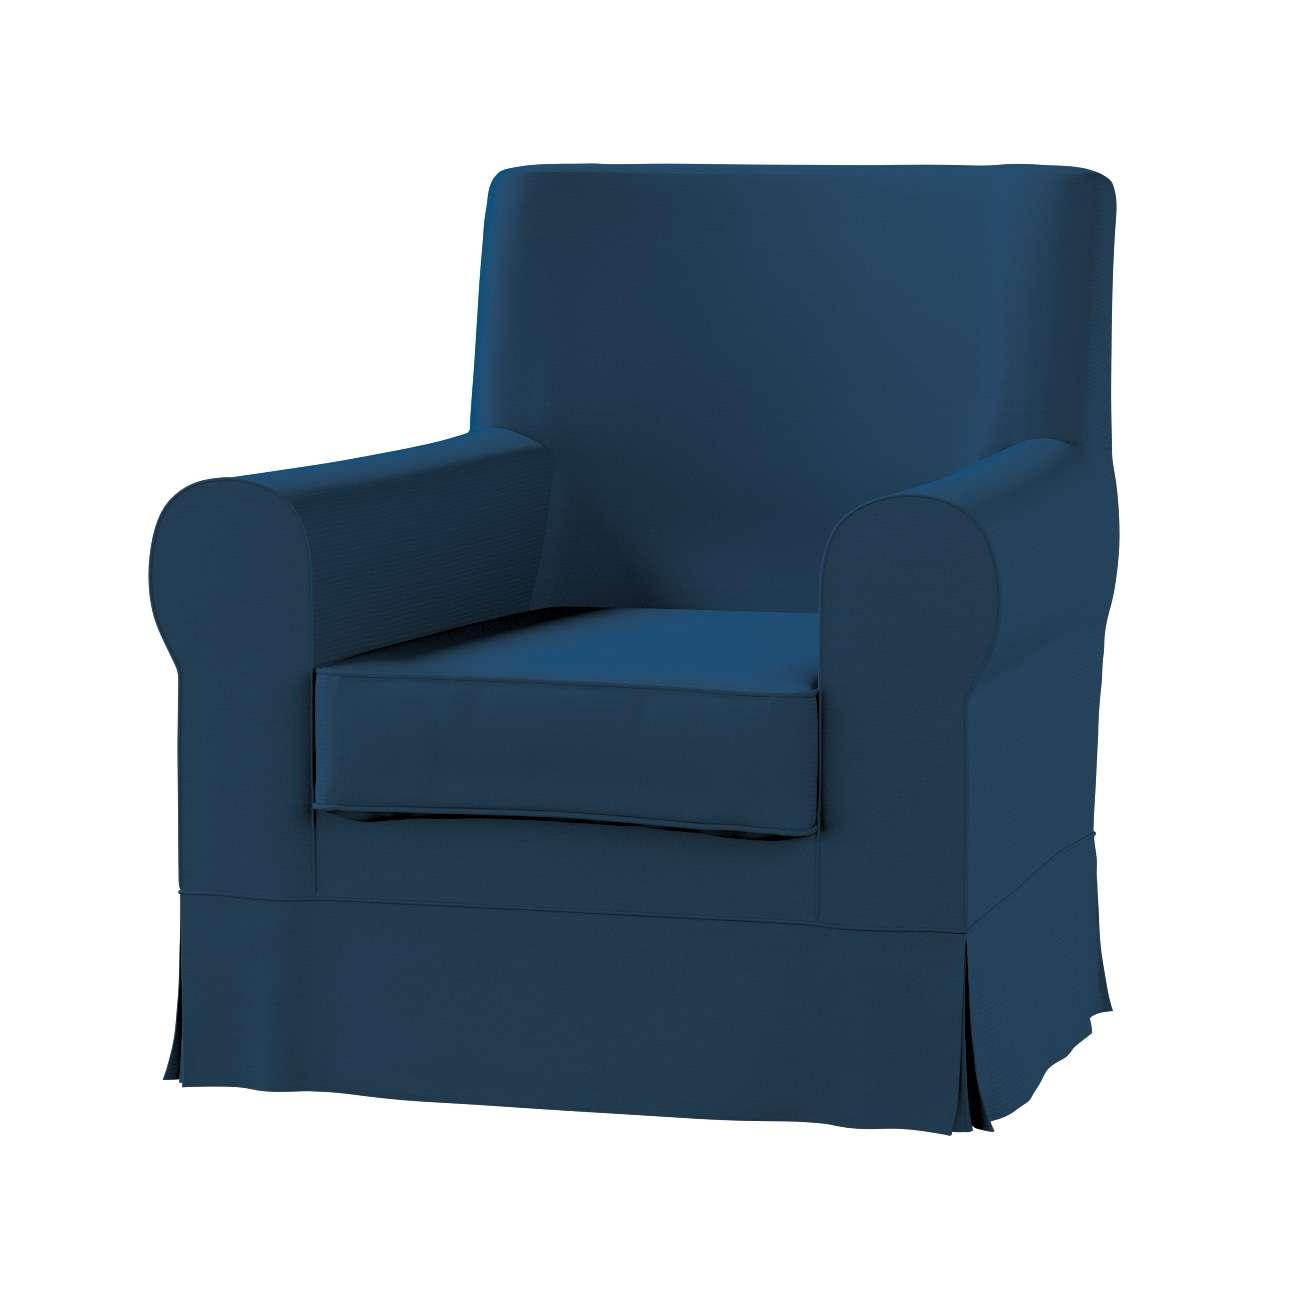 EKTORP JENNYLUND fotelio užvalkalas Ektorp Jennylund fotelio užvalkalas kolekcijoje Cotton Panama, audinys: 702-30